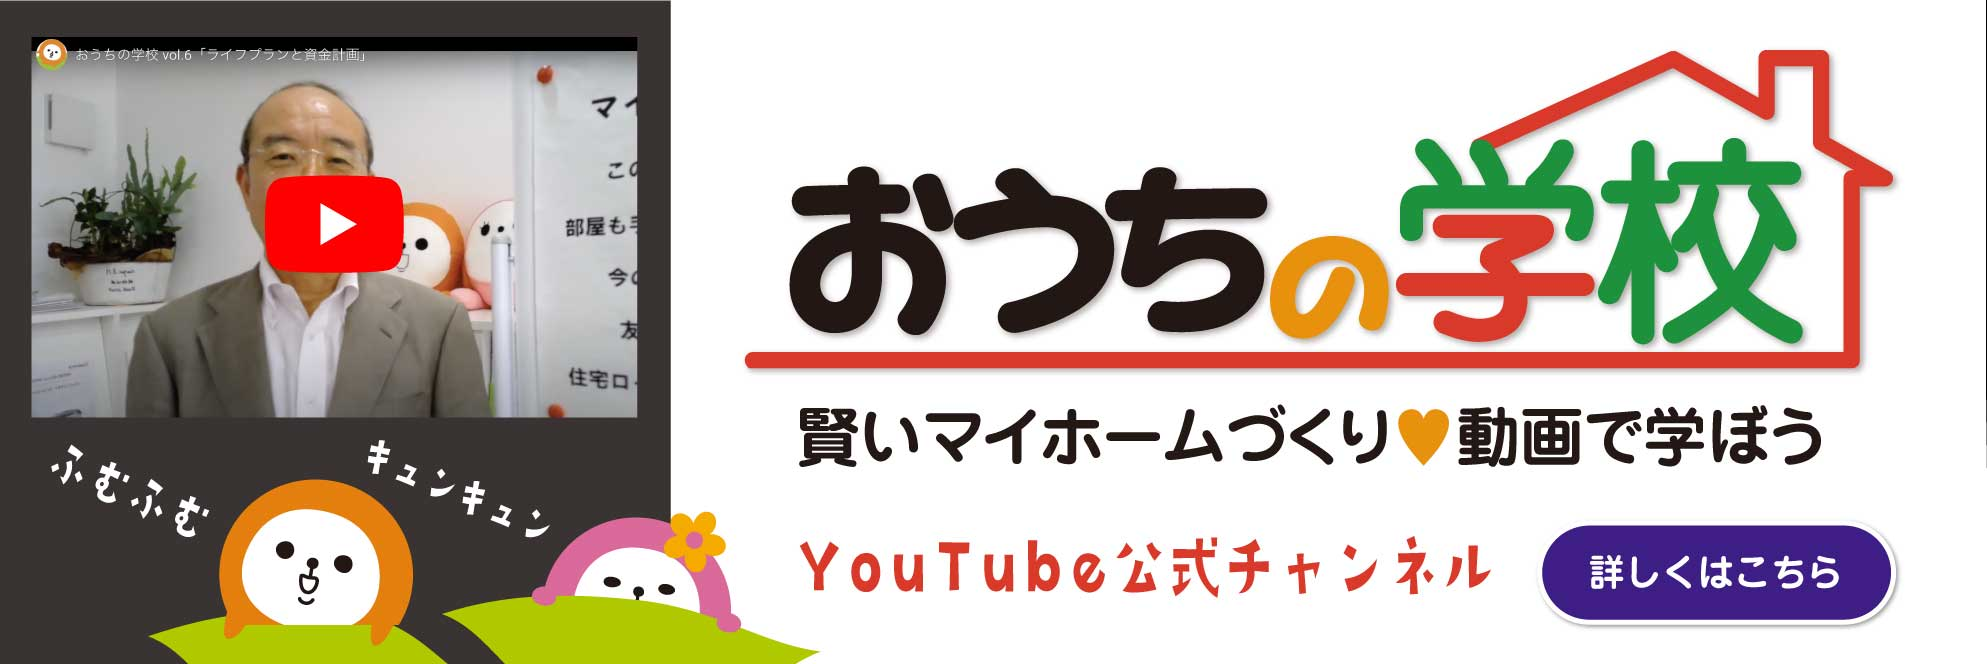 おうちの学校YouTubeチャンネルはこちら